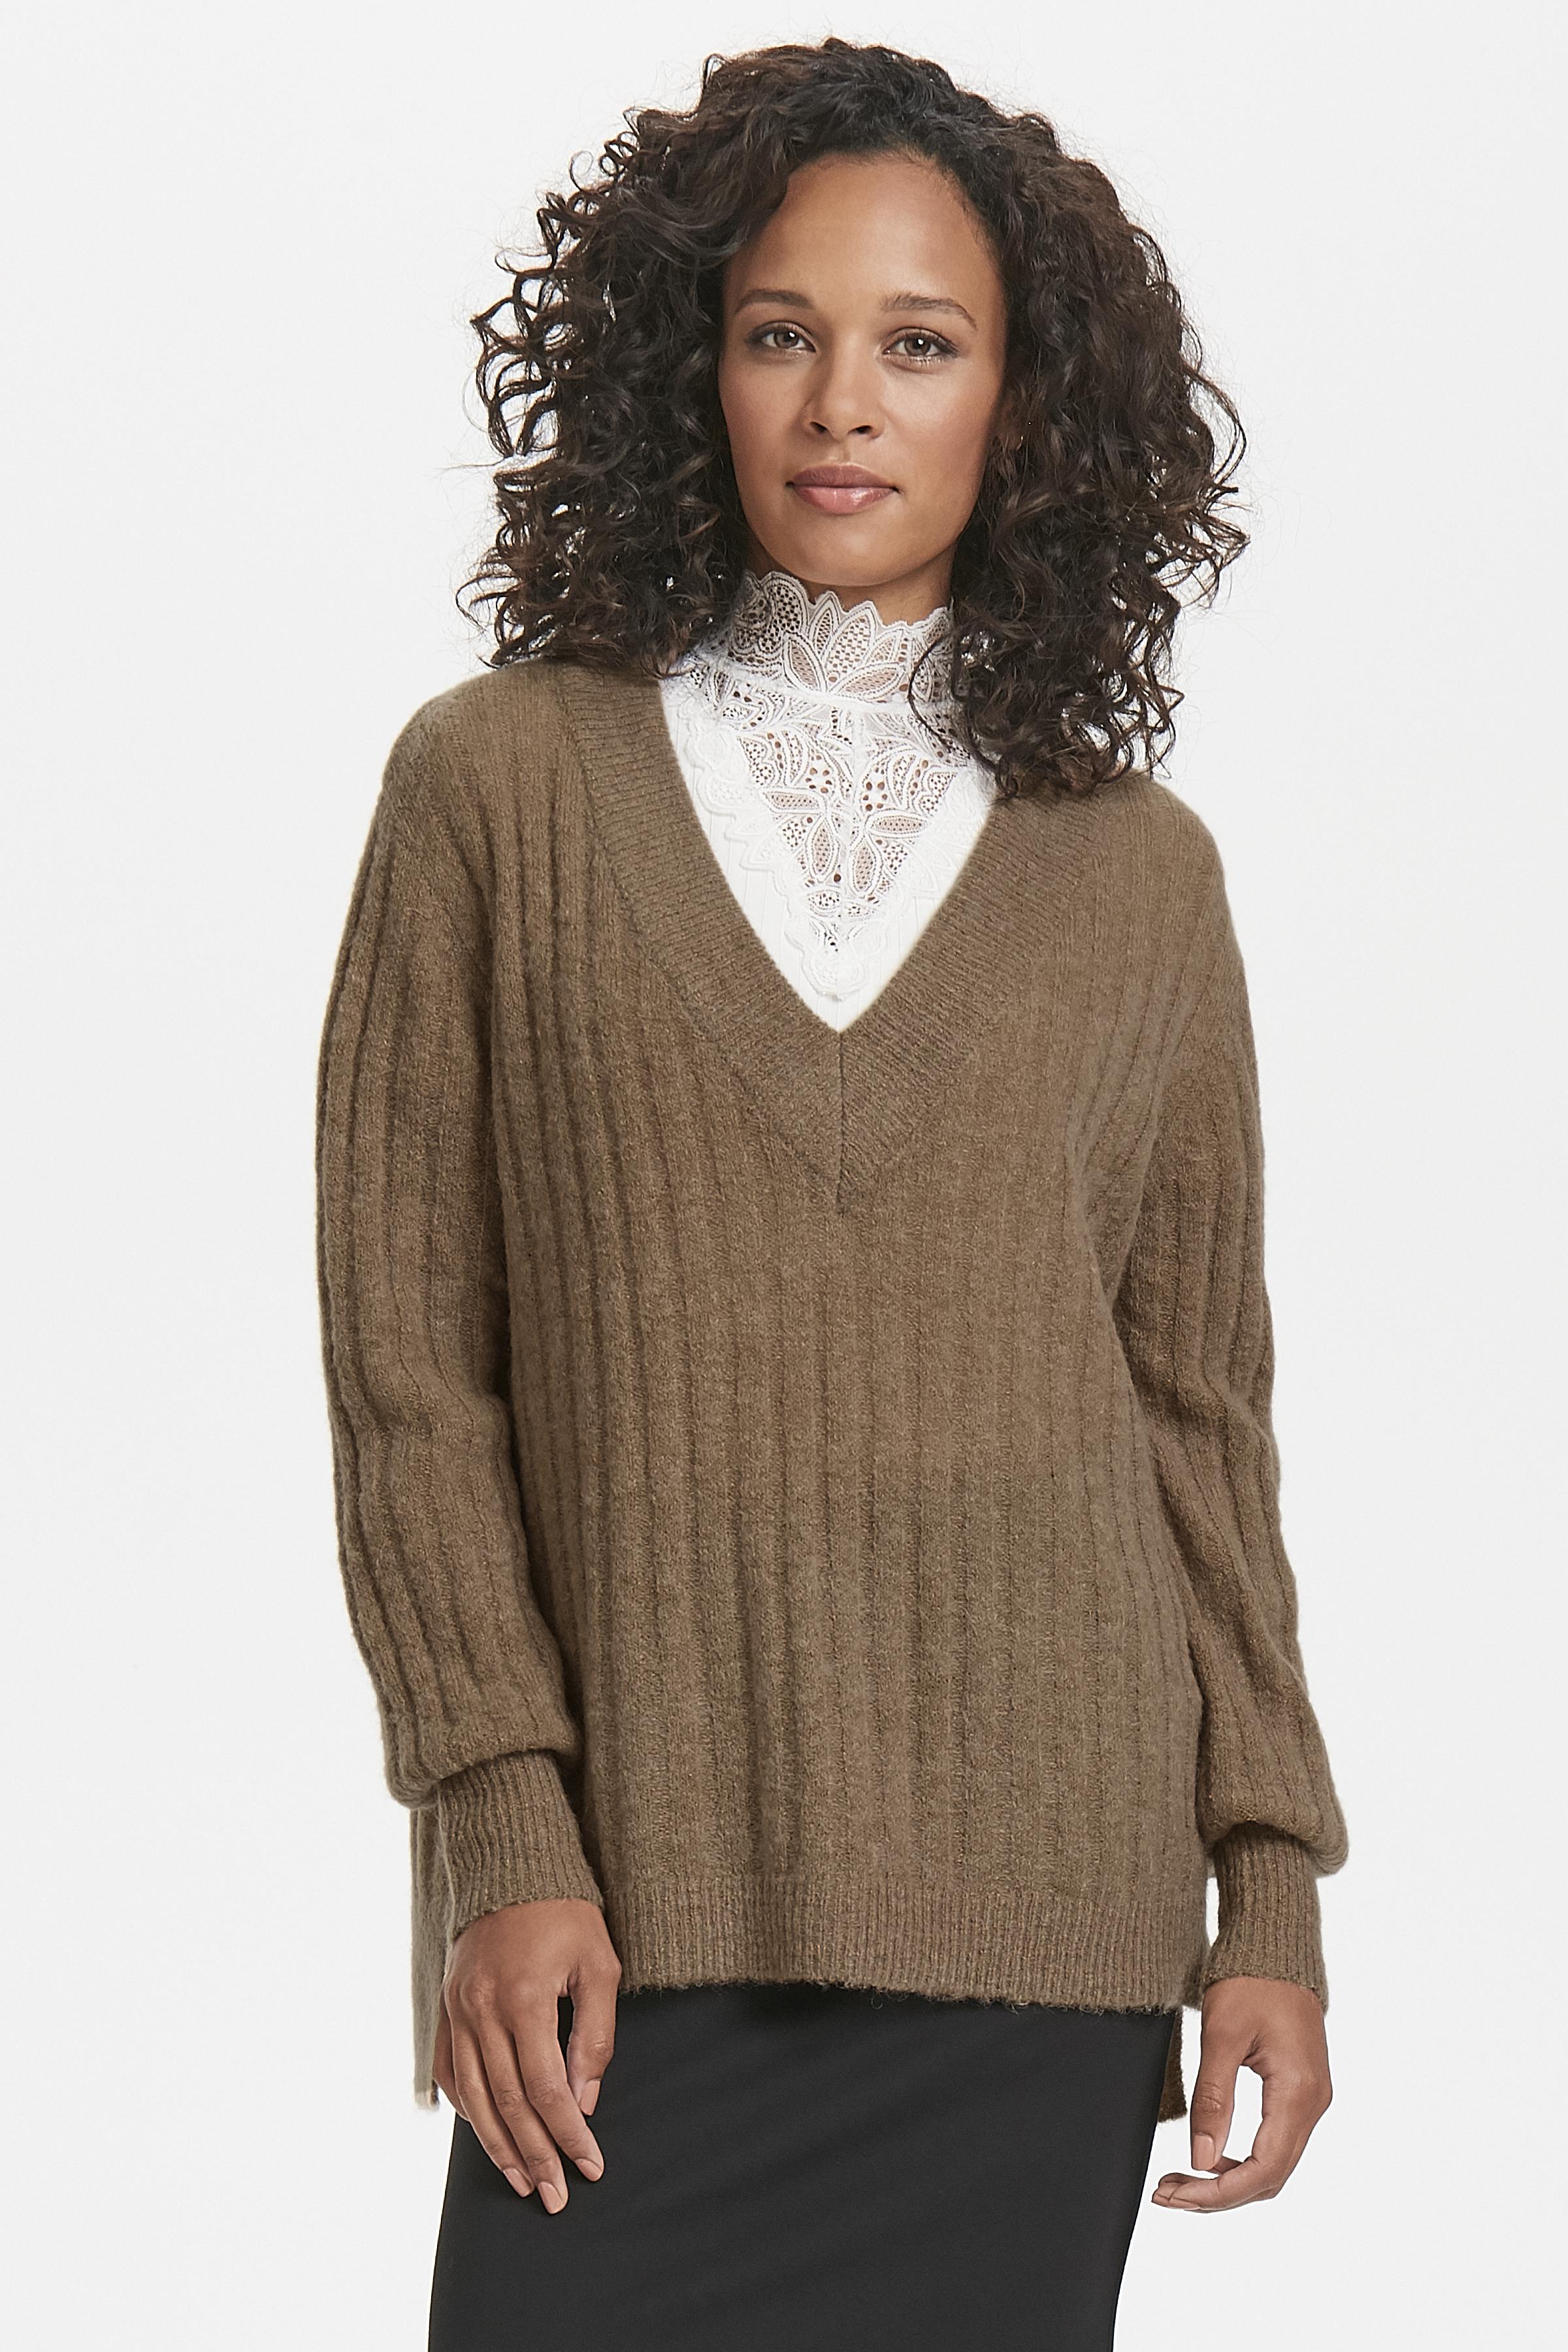 Camel Gebreide trui van Kaffe – Door Camel Gebreide trui van maat. XS-XXL hier